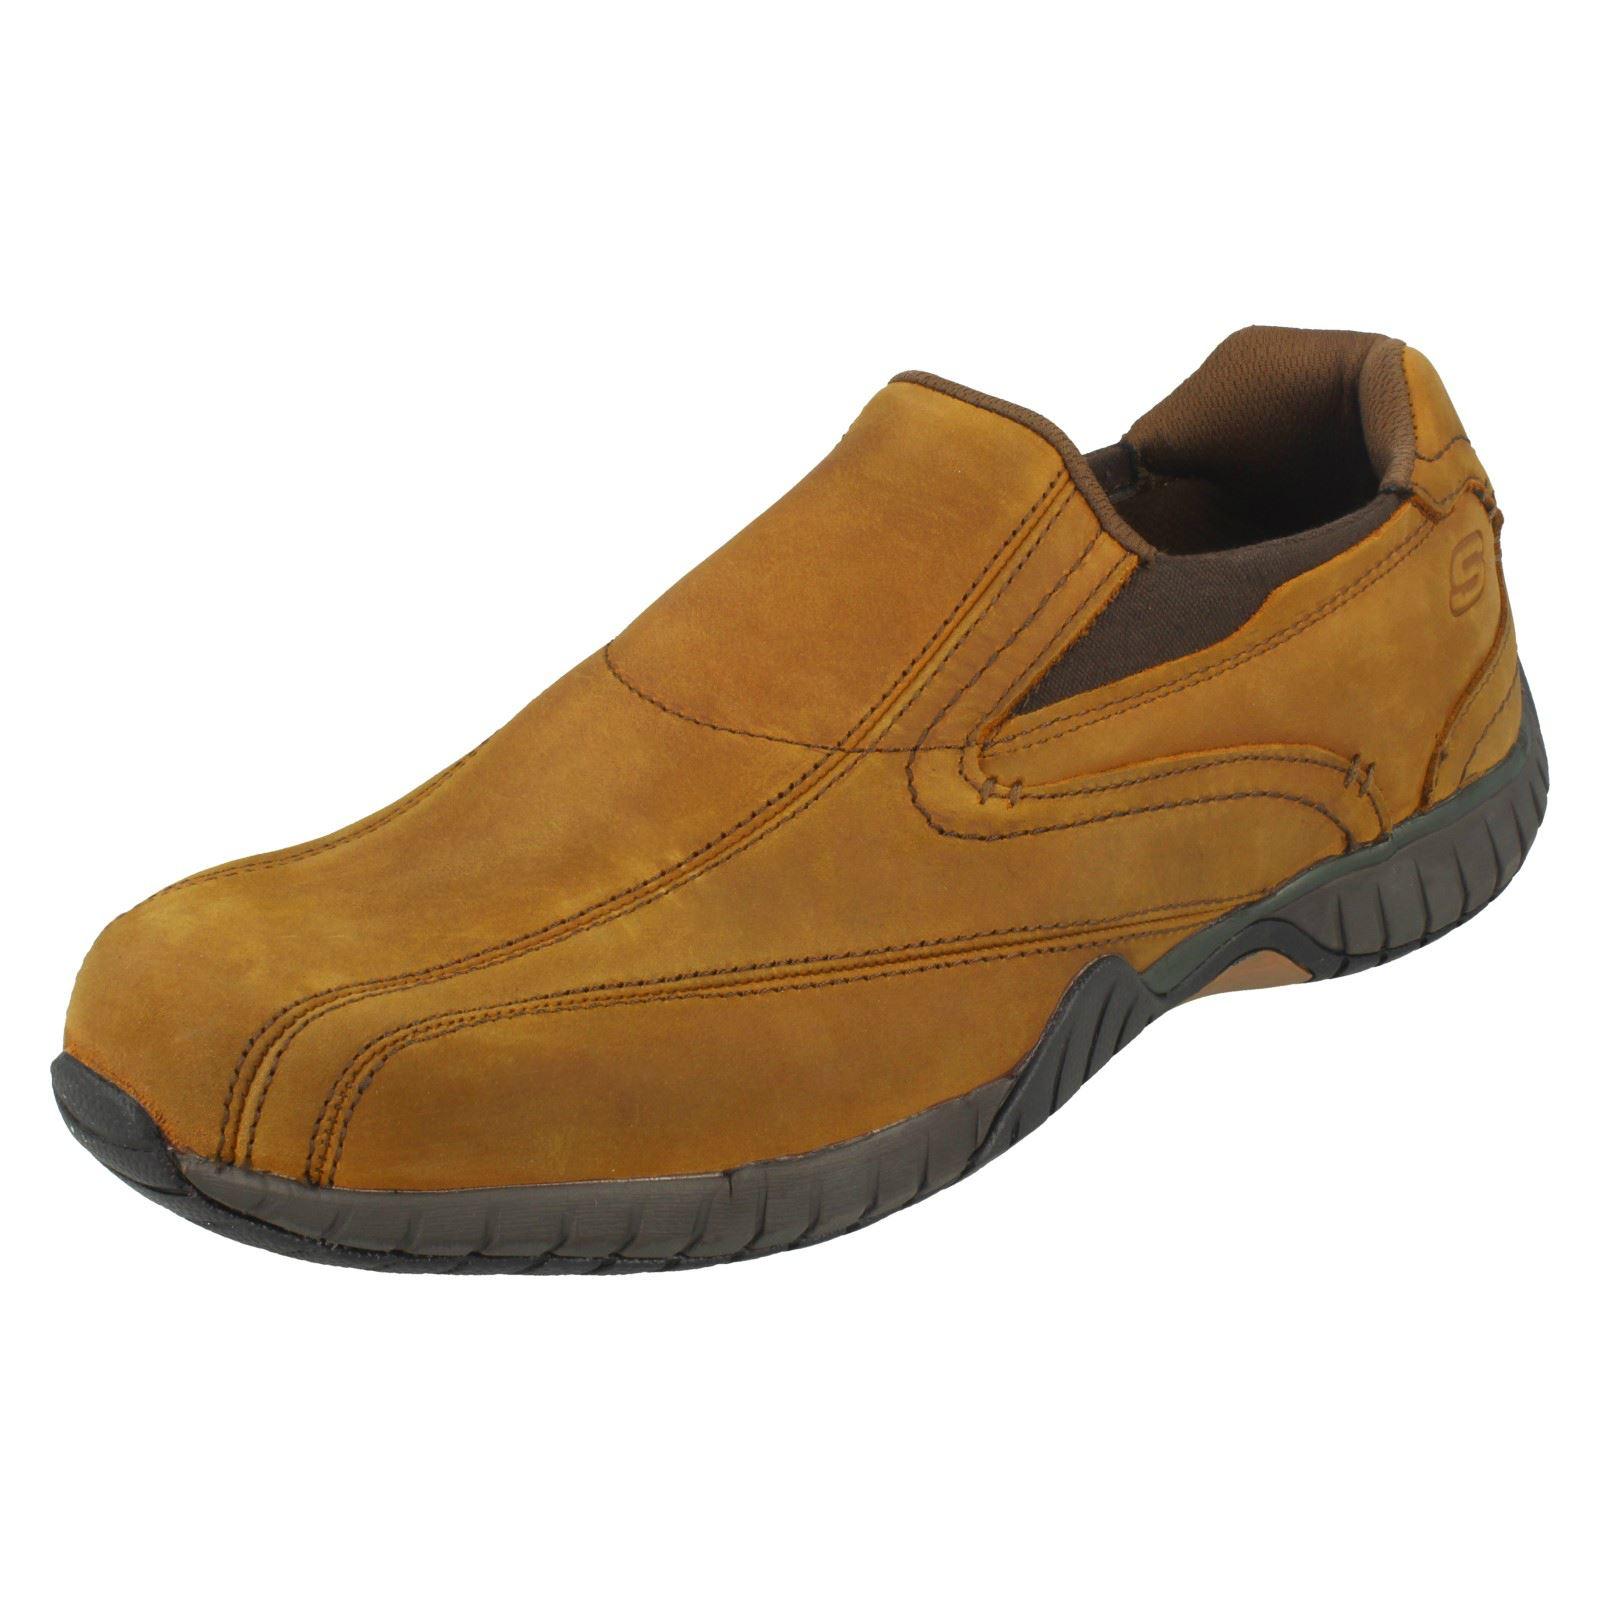 Herren Herren Herren Skechers Casual Schuhes Sendro Bascom 65287 0c982e